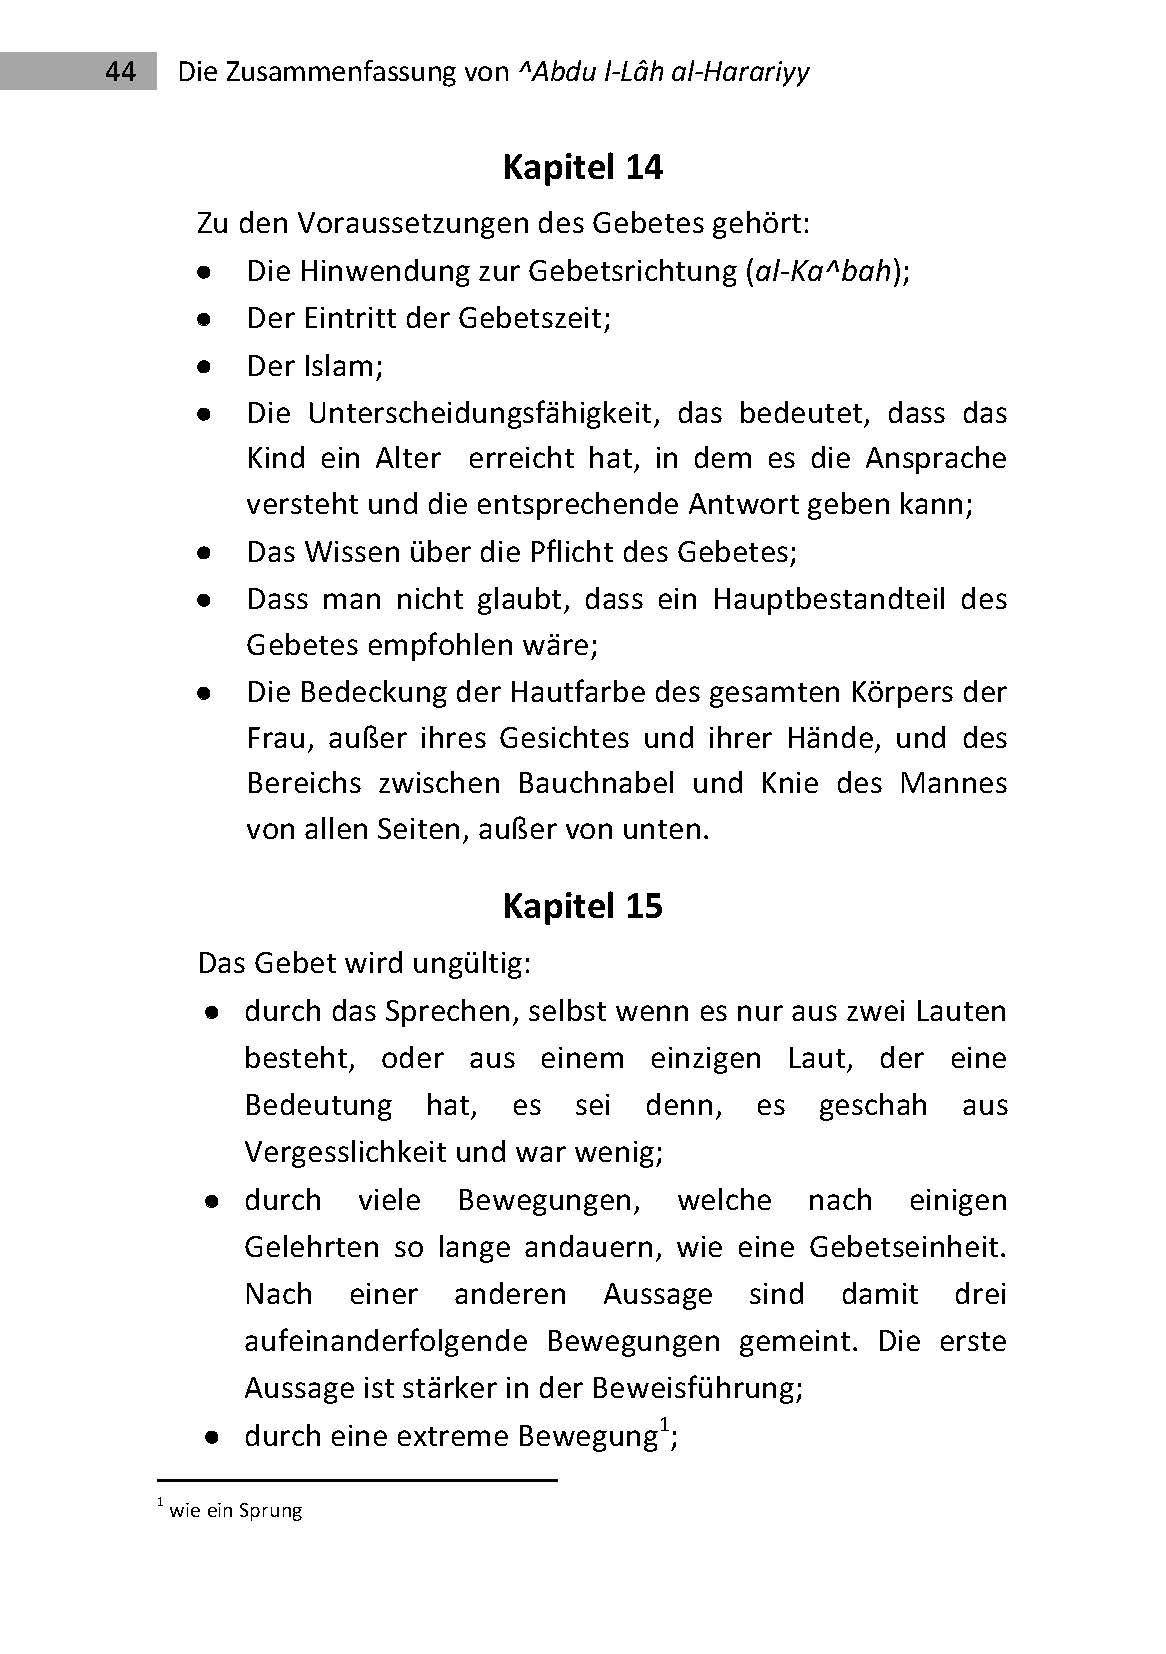 Die Zusammenfassung - 3. Auflage 2014_Seite_44